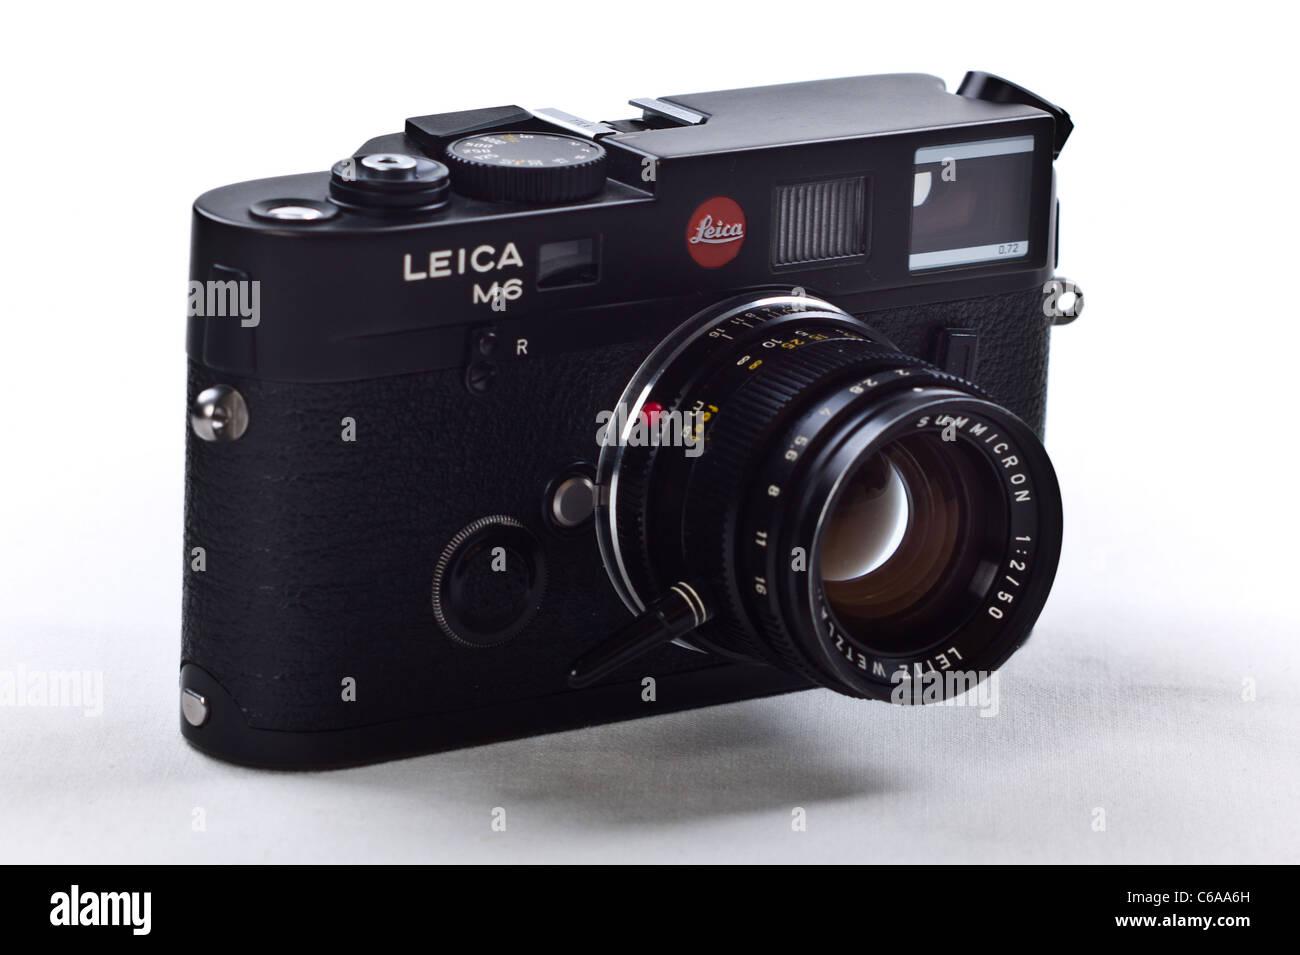 Leica Entfernungsmesser Kaufen : Leica geosystems disto laser entfernungsmesser messbereich max